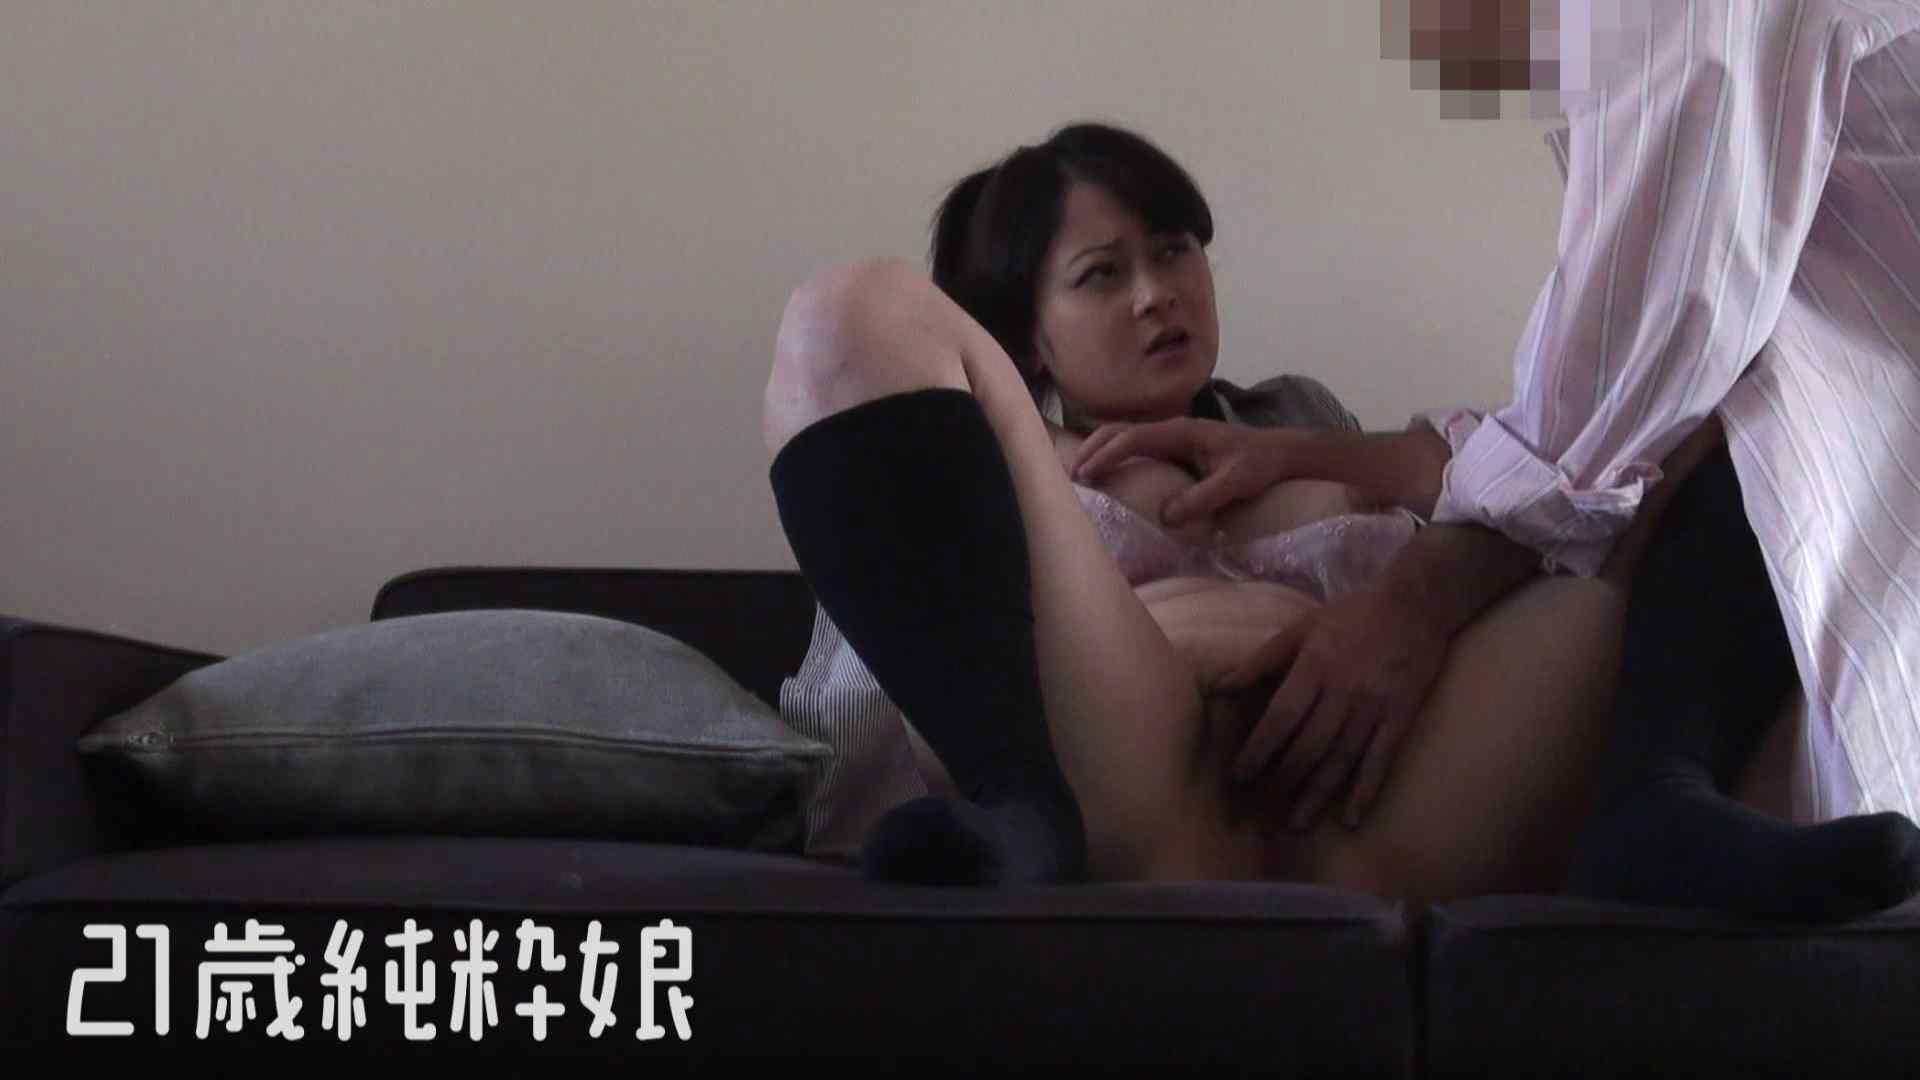 上京したばかりのGカップ21歳純粋嬢を都合の良い女にしてみた3 フェラ  110連発 32